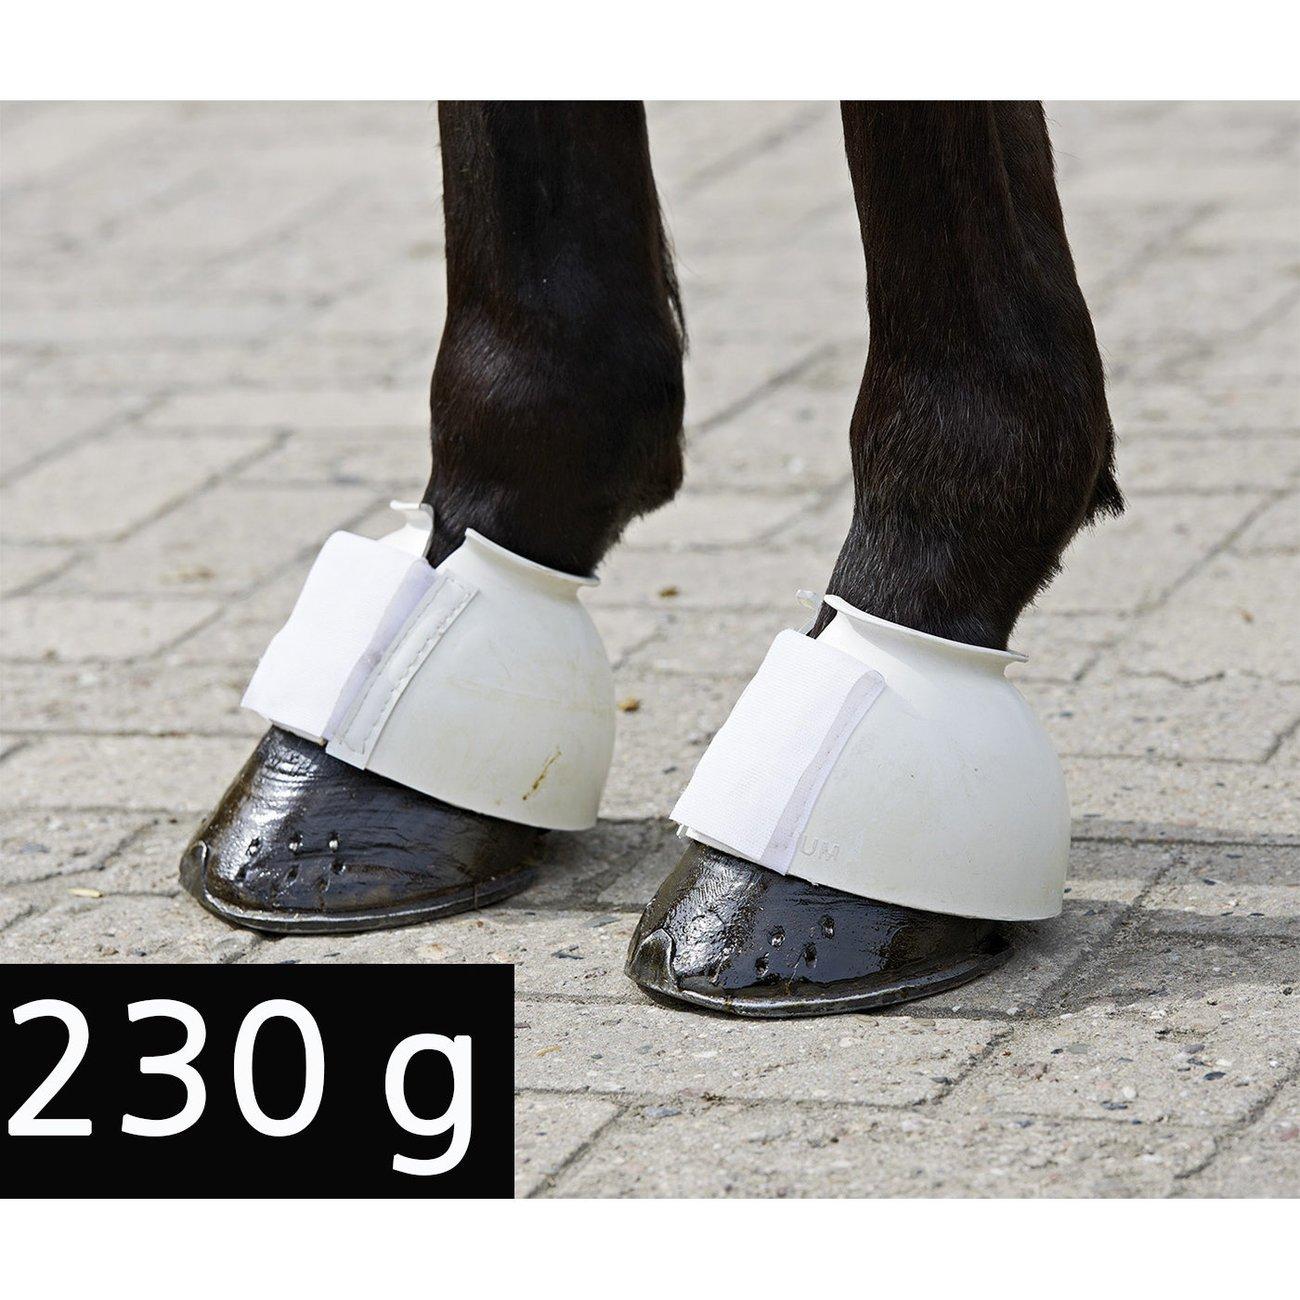 BUSSE Hufglocken Island mit Gewichten, Bild 2